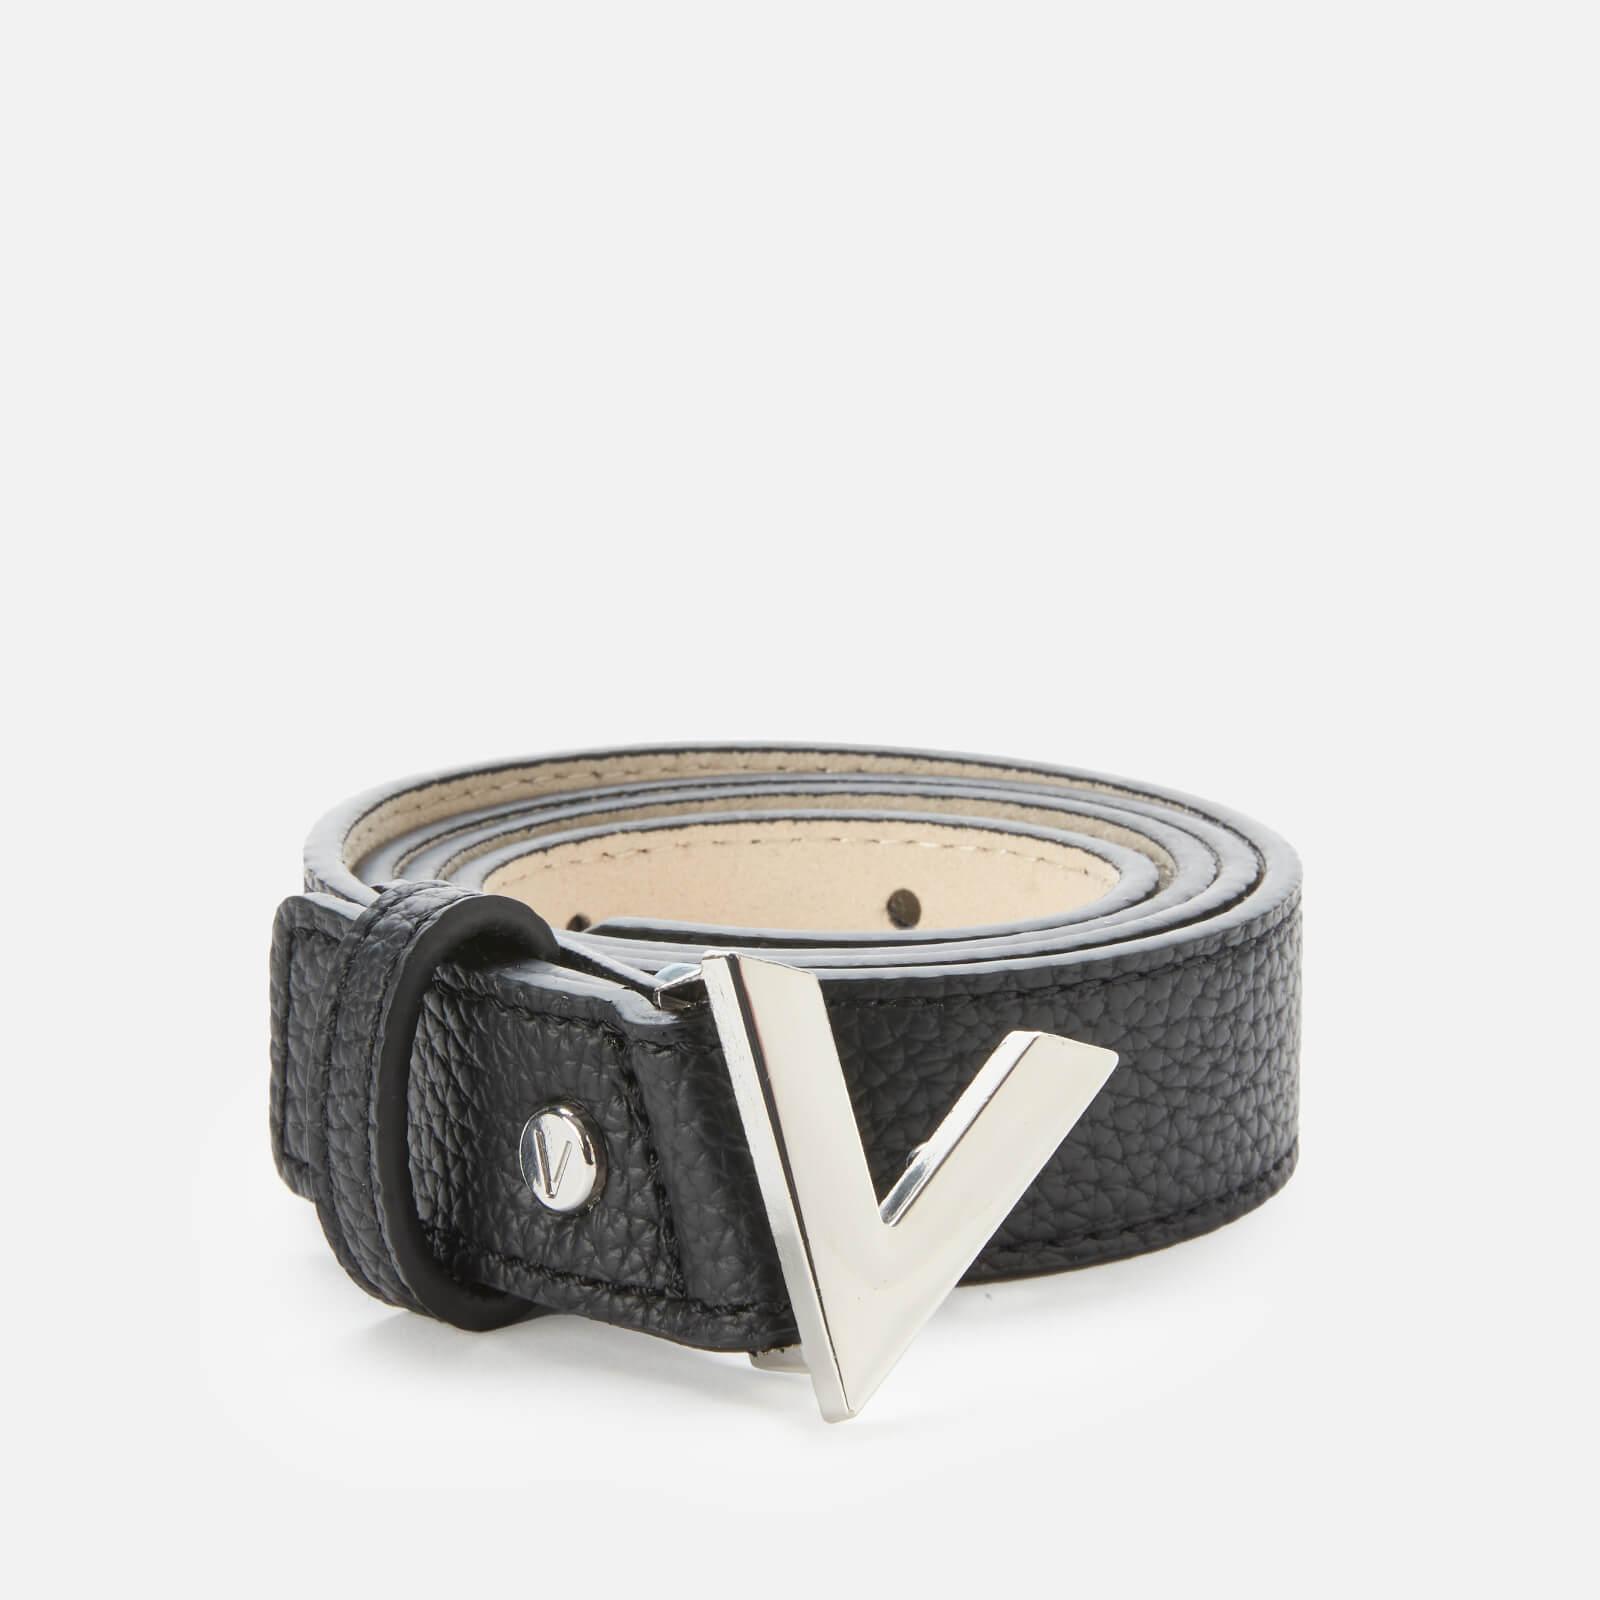 Valentino Bags Women's Forever Belt - Black - M